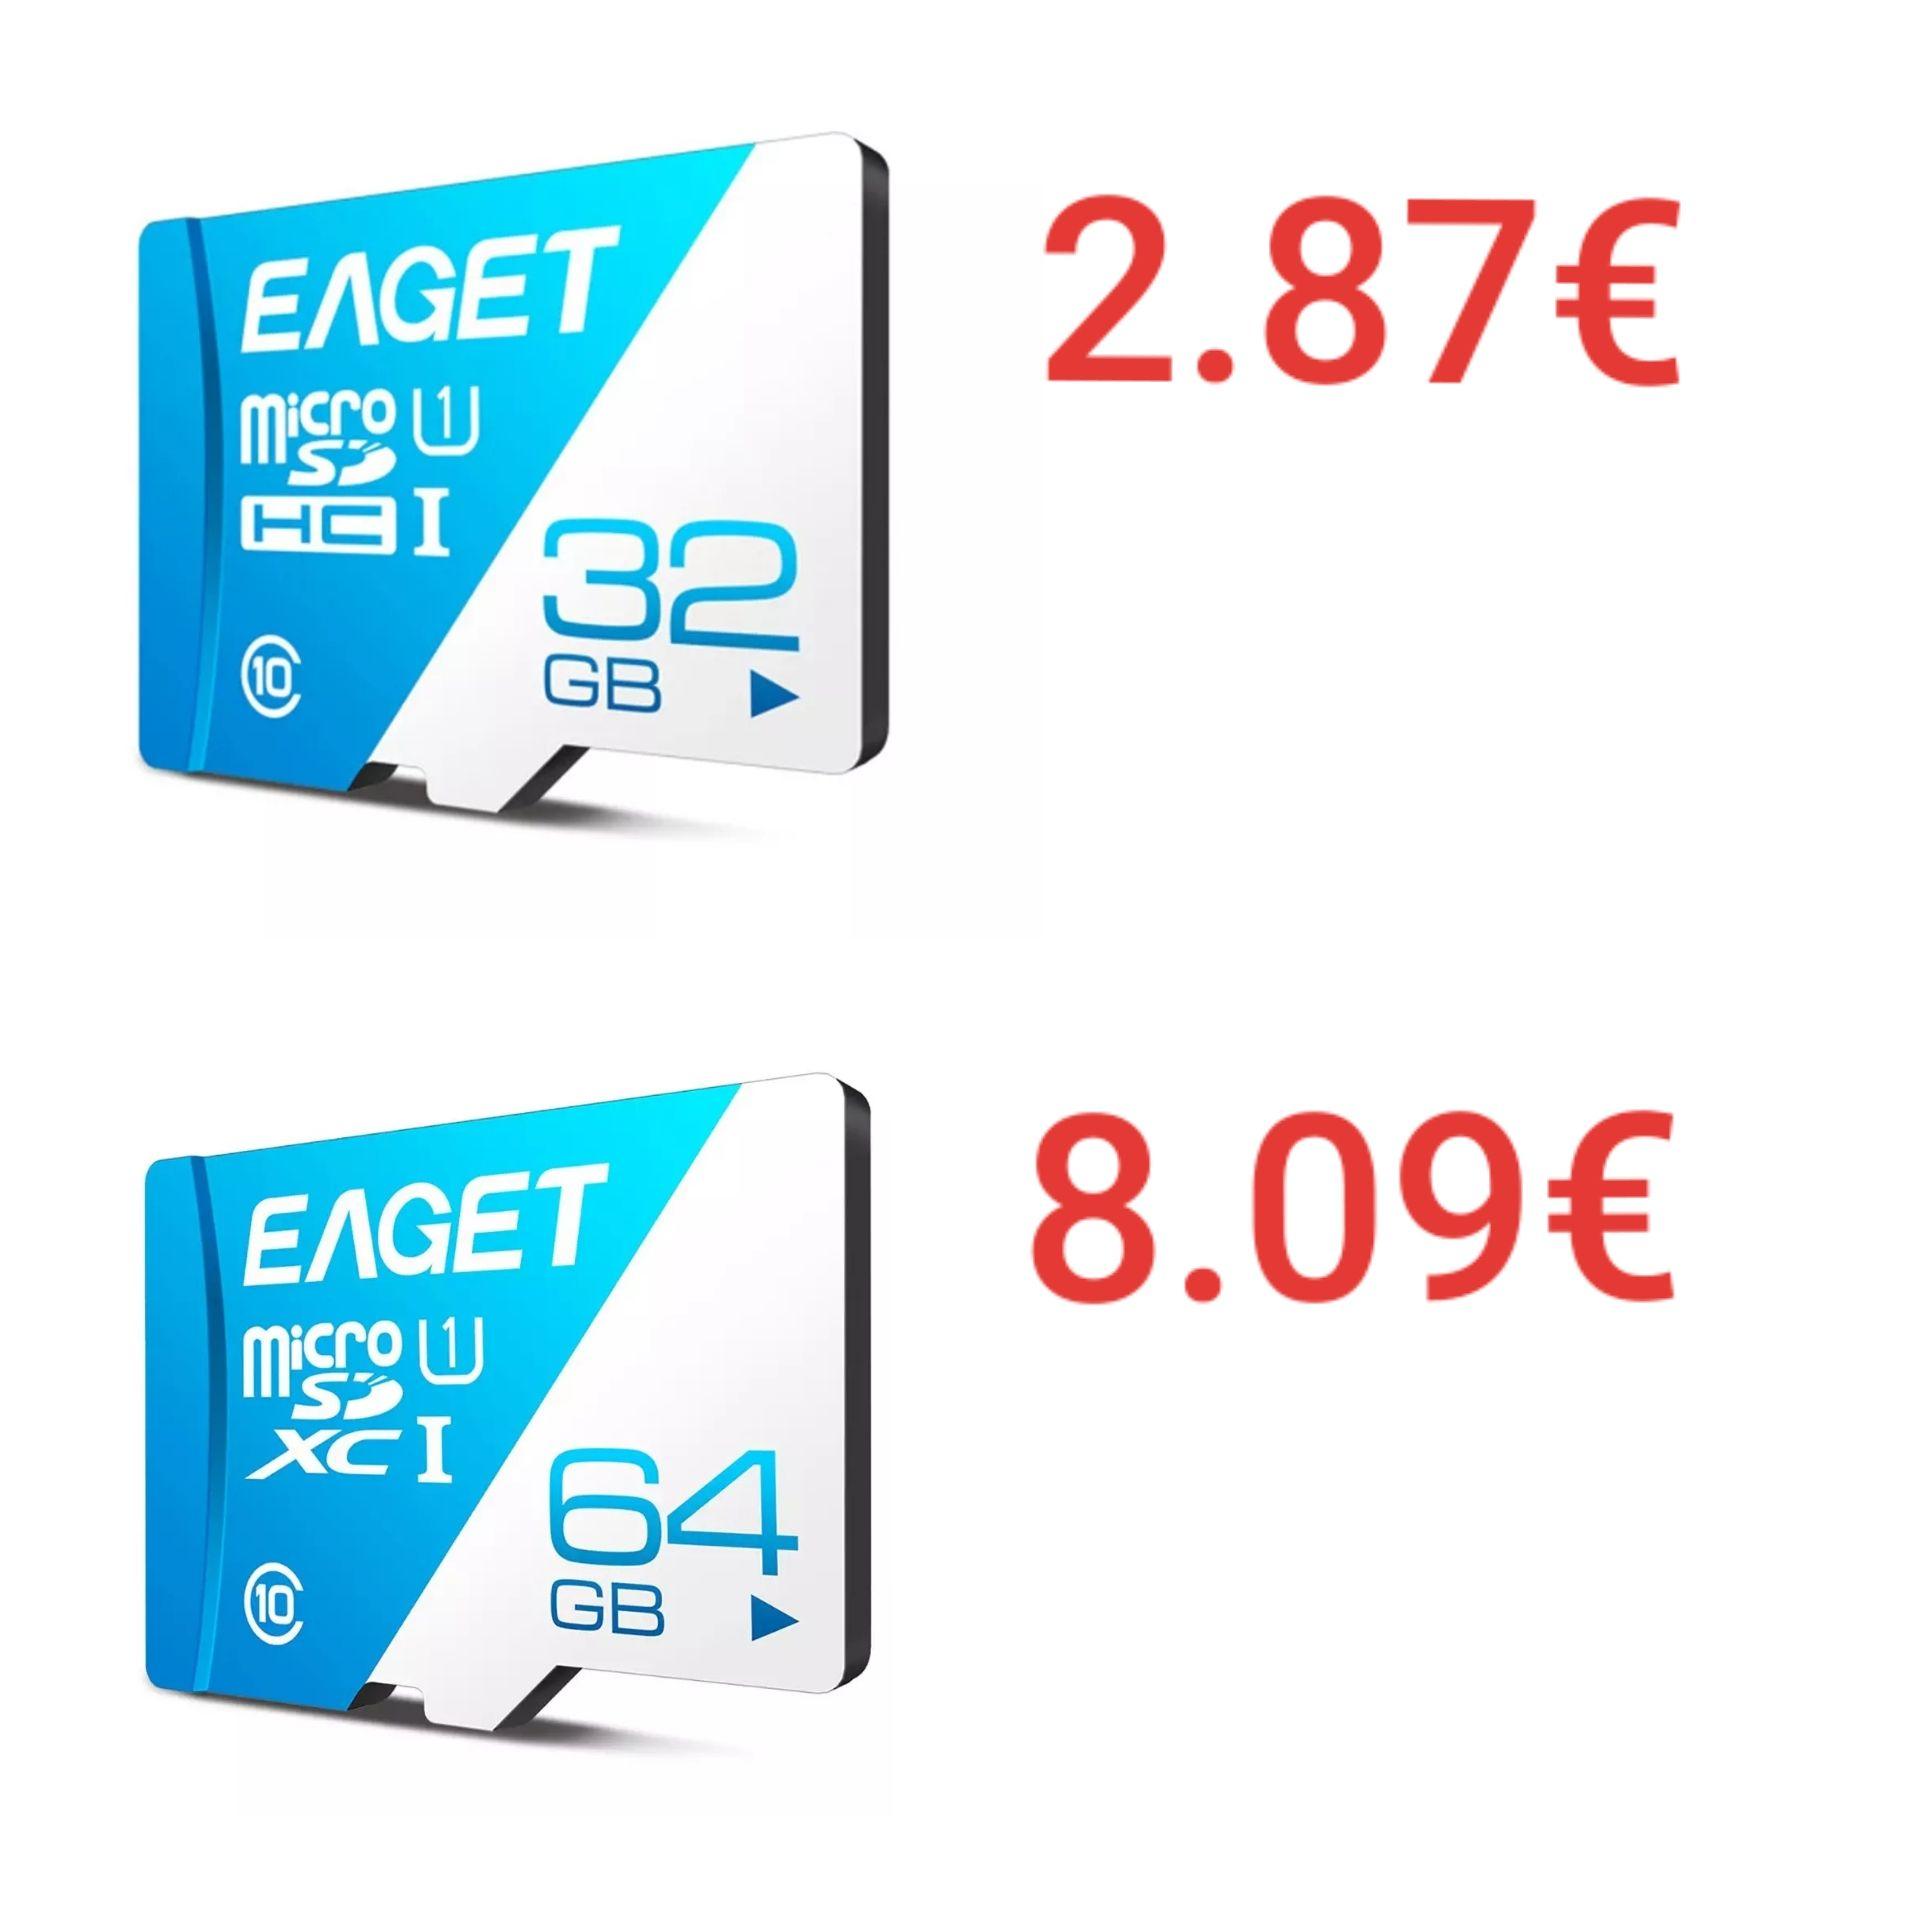 Eaget micro sd  [32Gb y 64Gb]